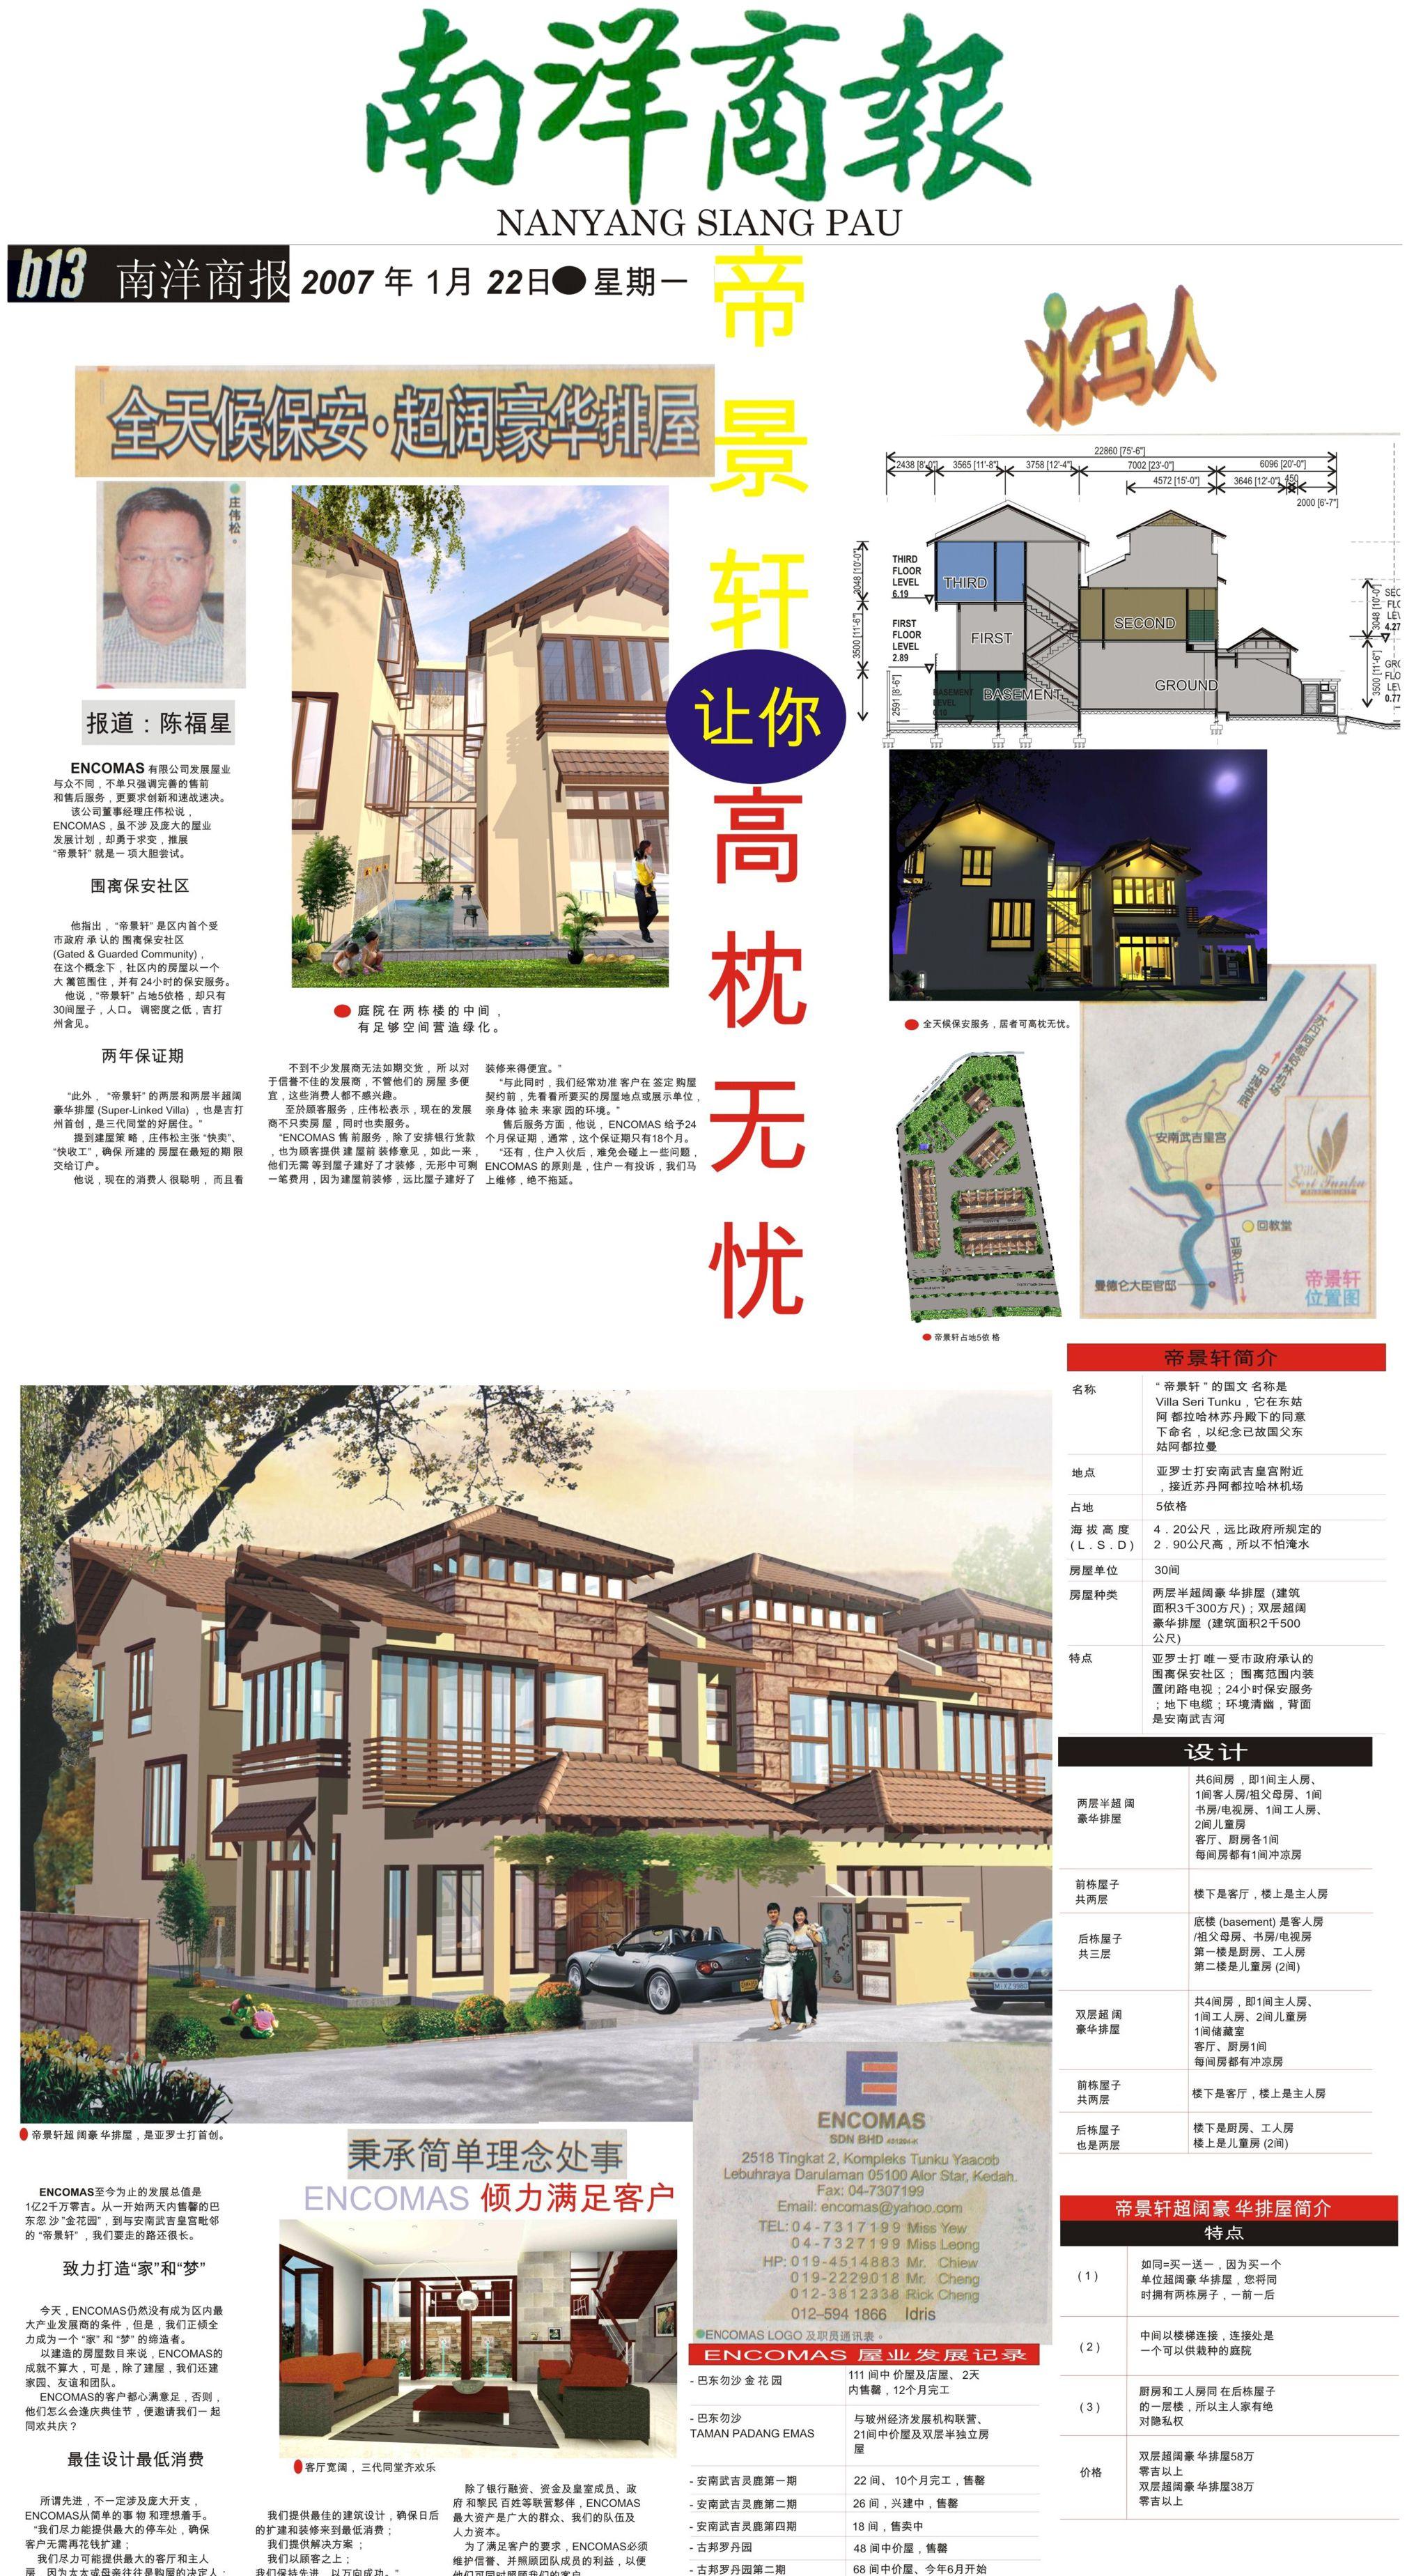 2007_02_09 Nanynag - Launching Villa Seri Tunku, Anak Bukit